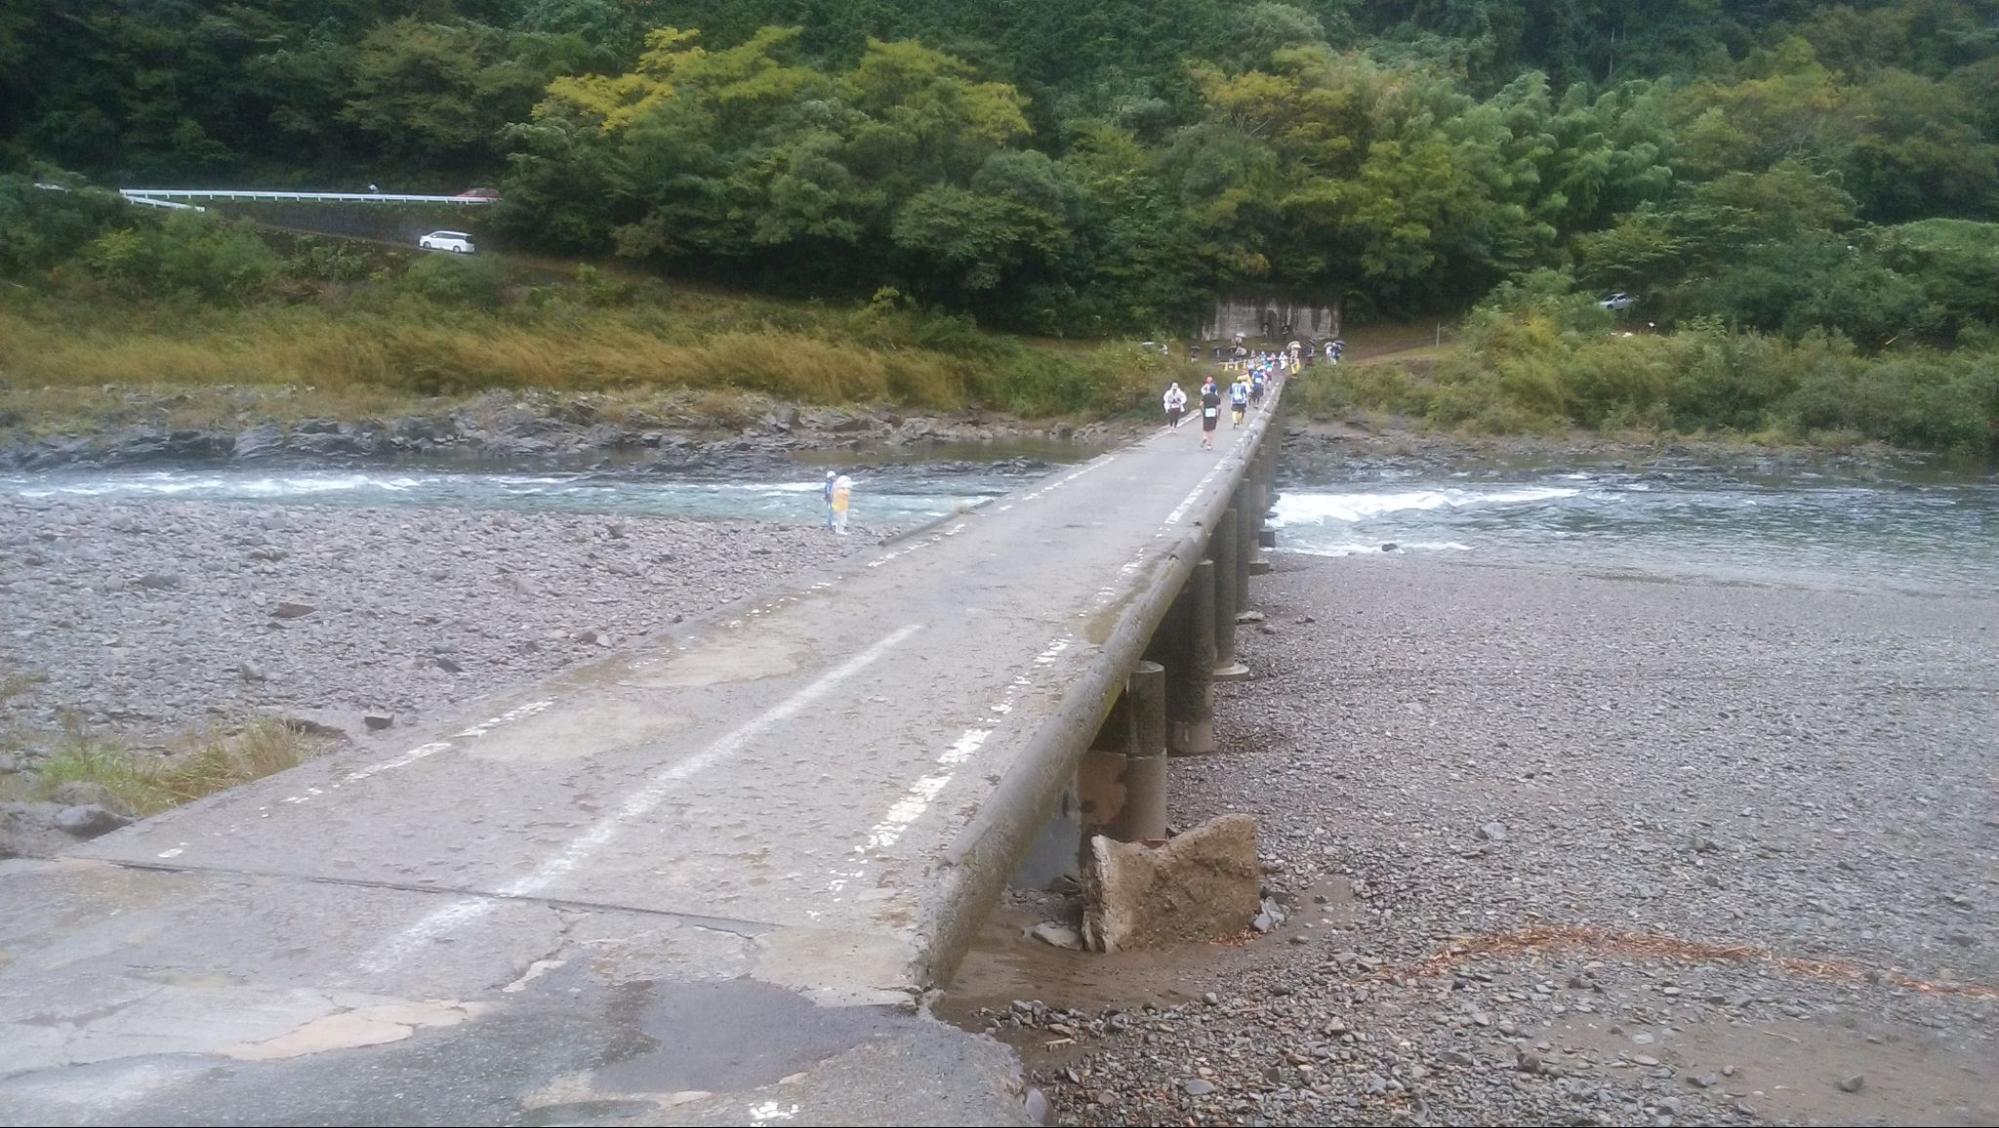 2017年10月四万十川ウルトラマラソン100㎞に出場した時の写真 名物コース沈下橋